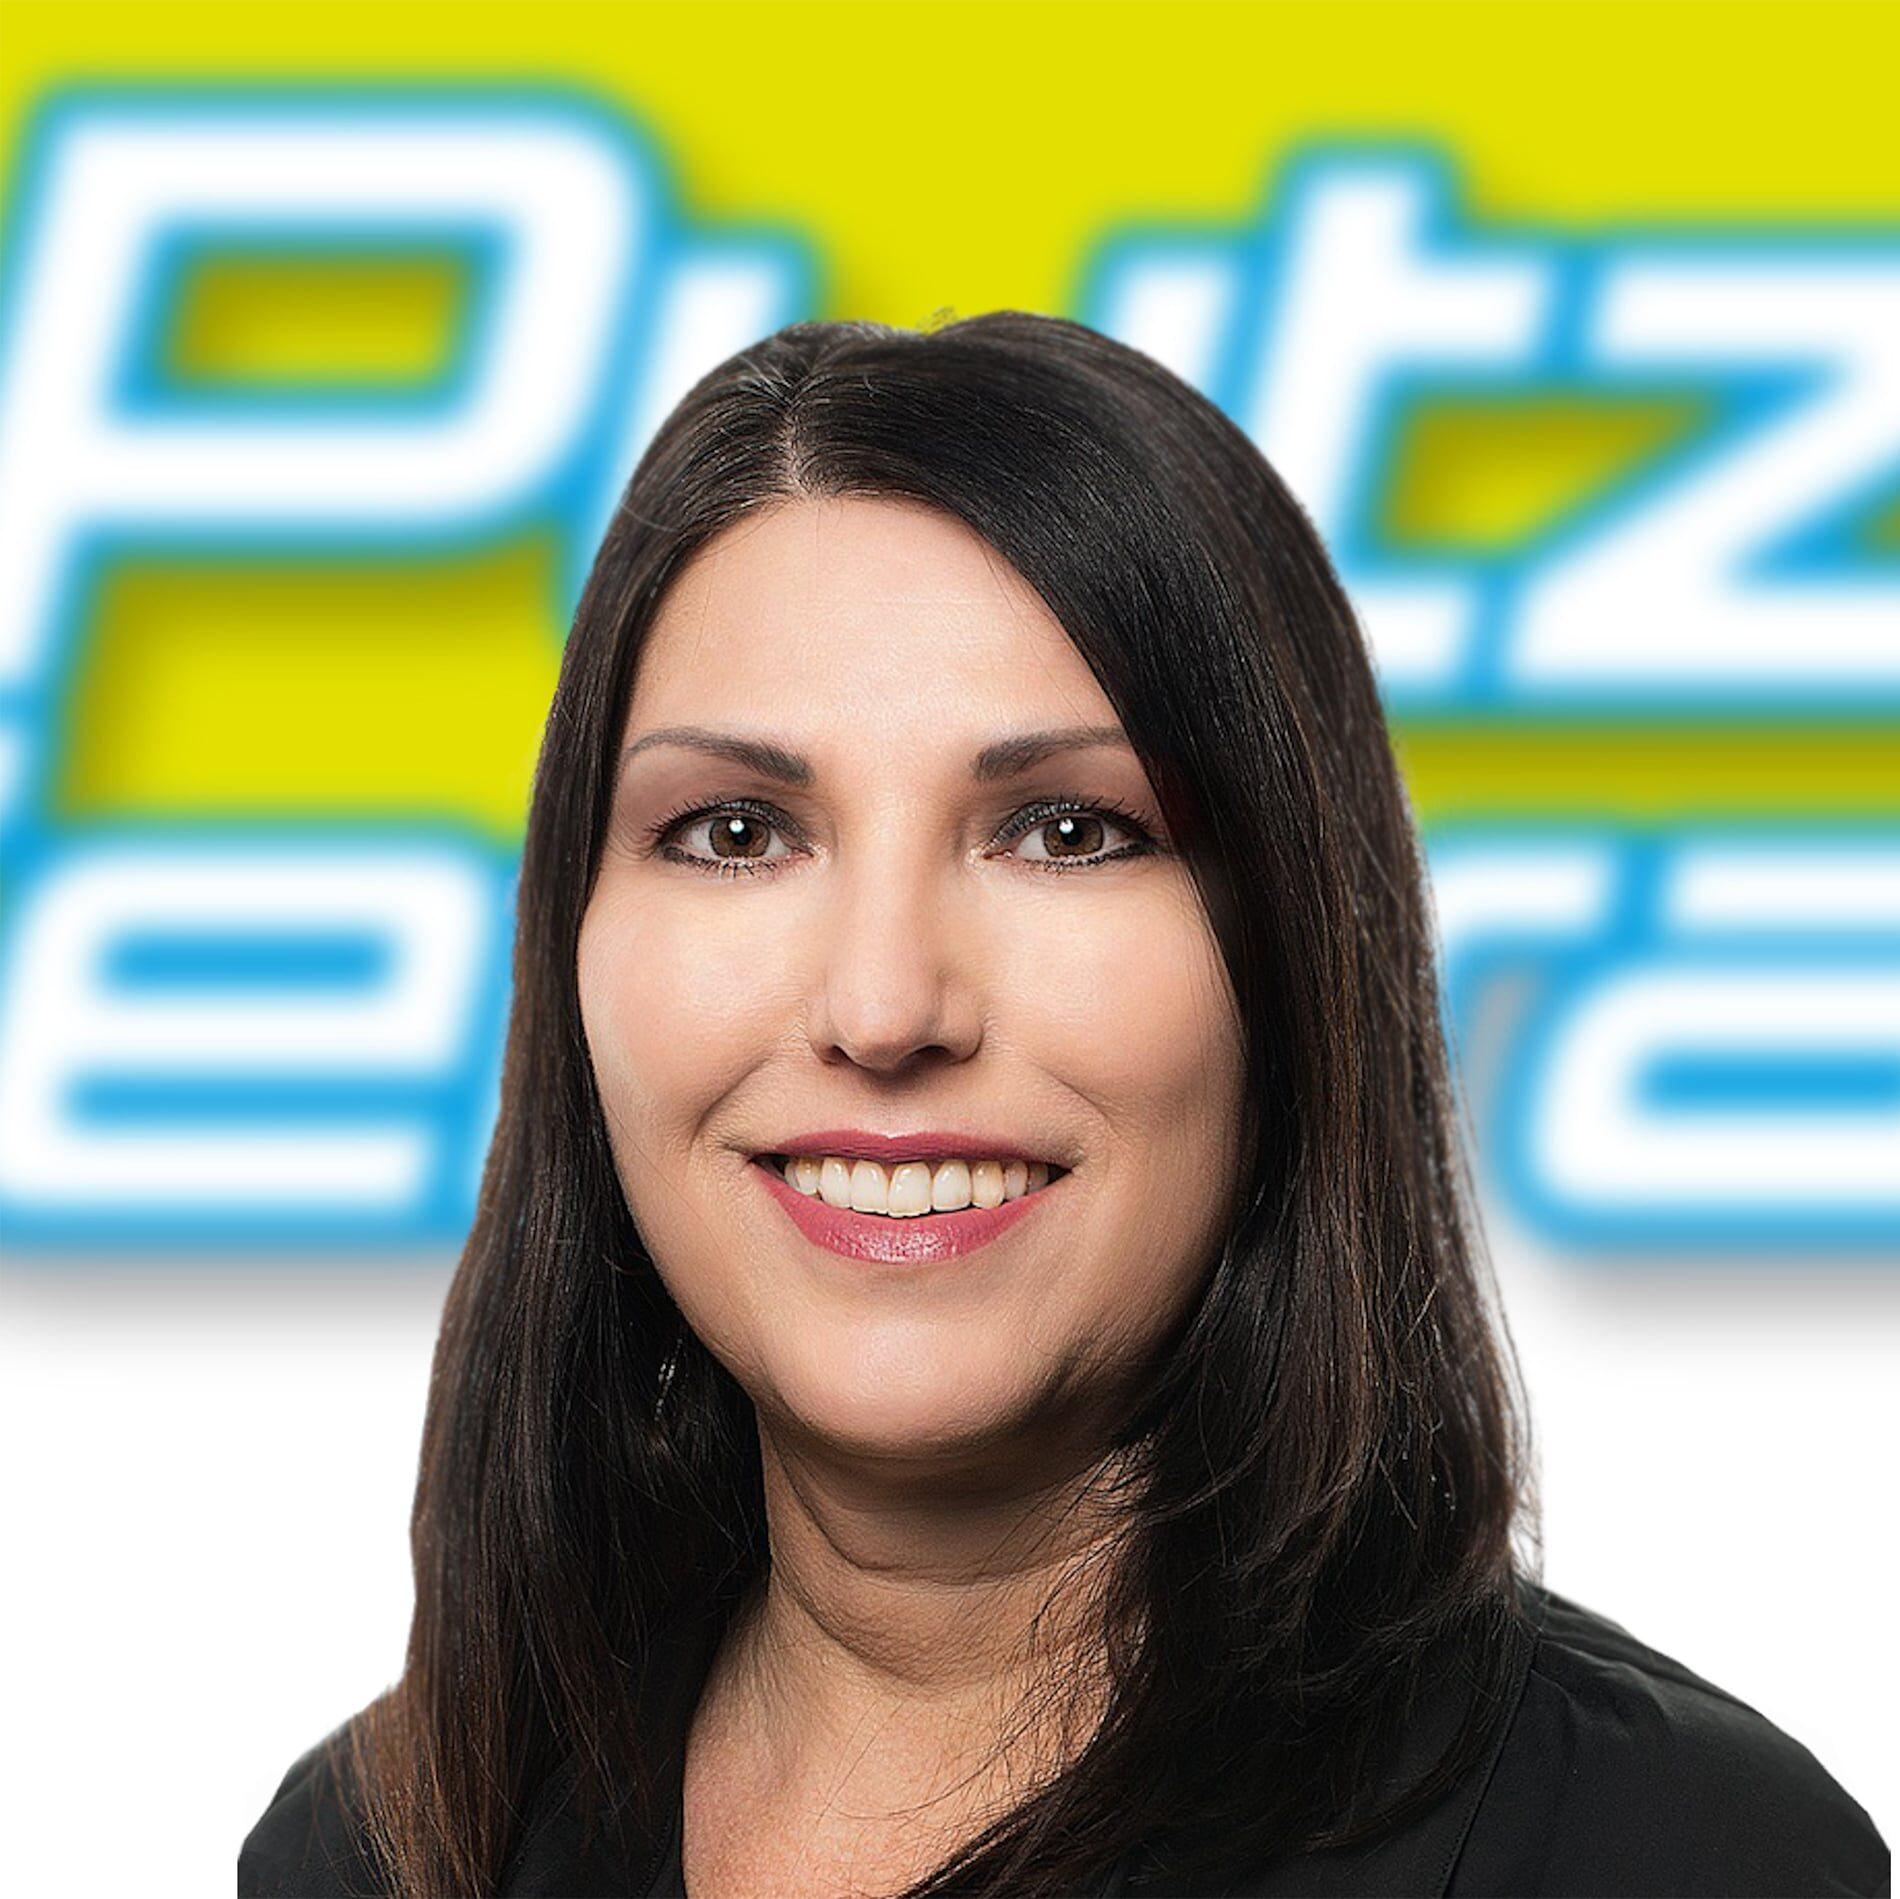 Putzzentrale | Silvia Sigrist | Team Zürich / Zürichsee